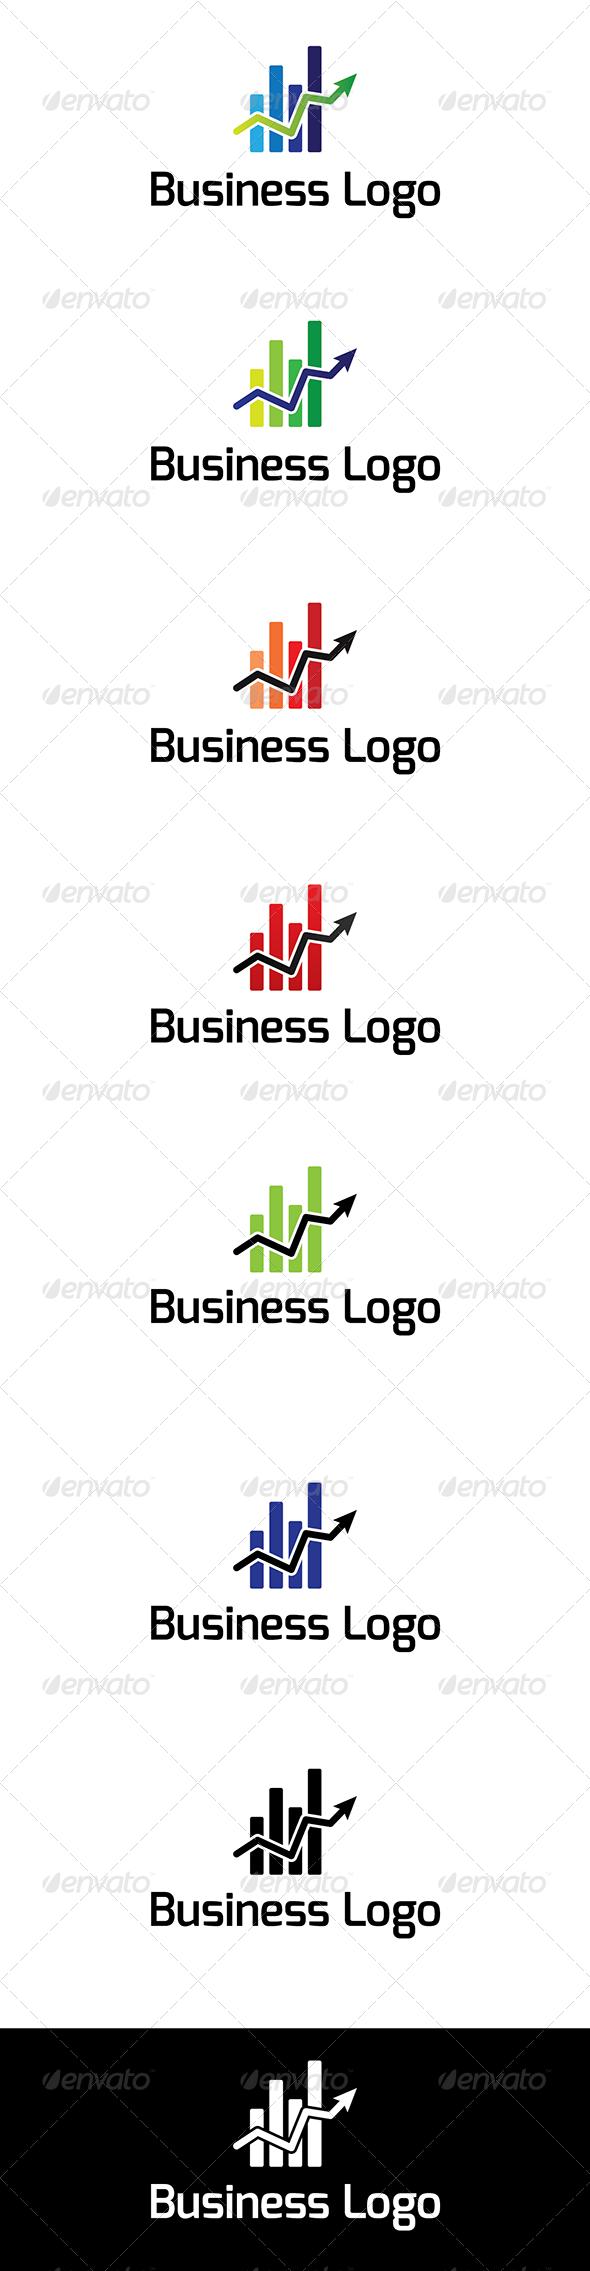 GraphicRiver Business Logo 5967707